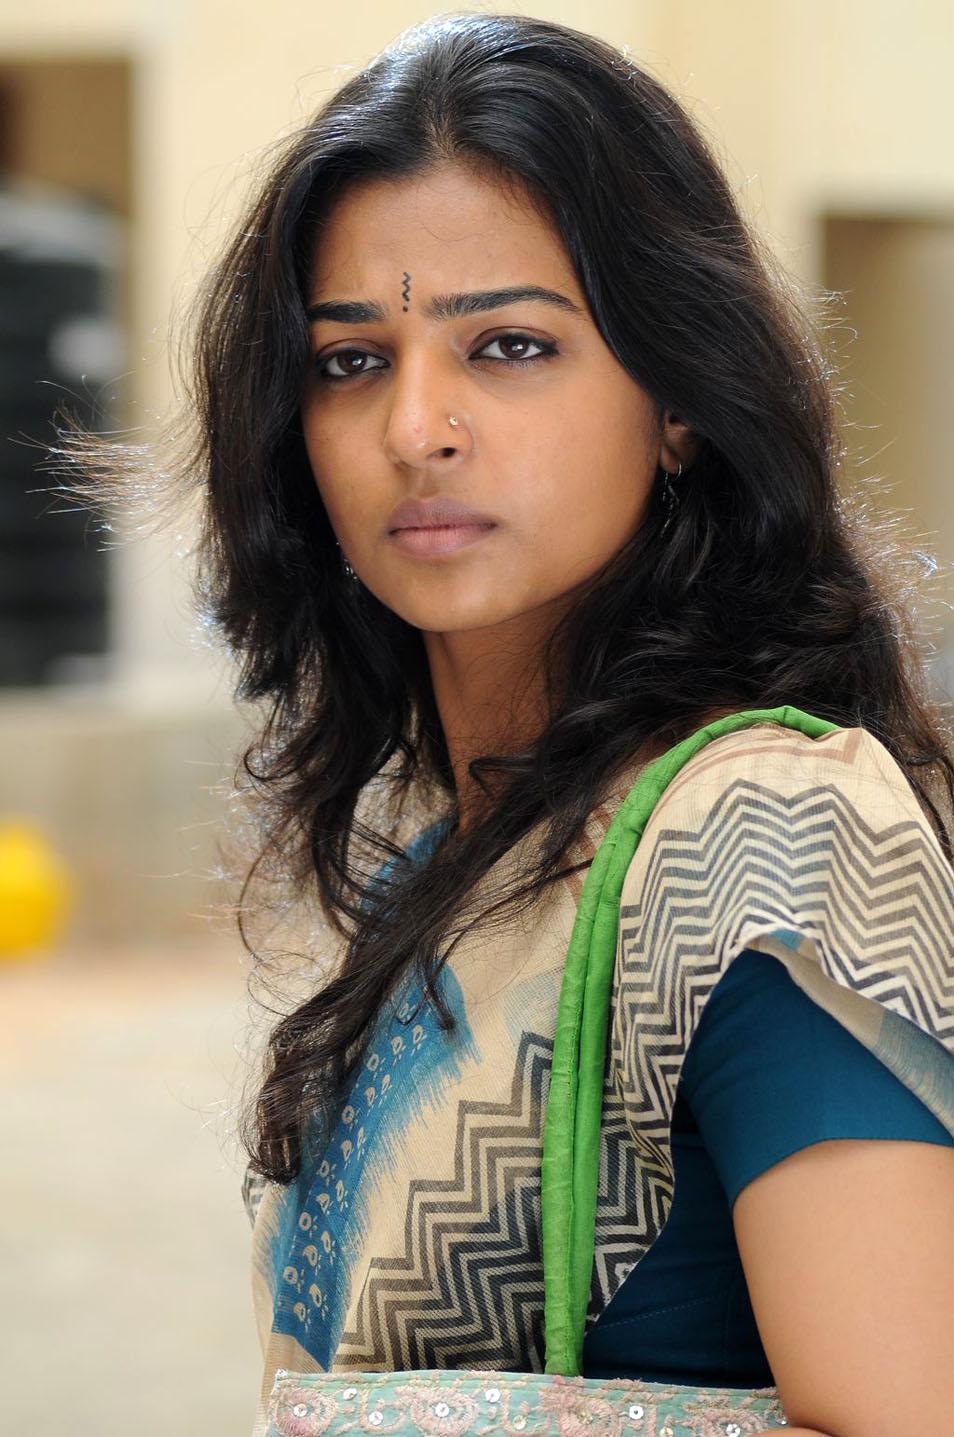 Siddharth Bhardwaj - Wikipedia